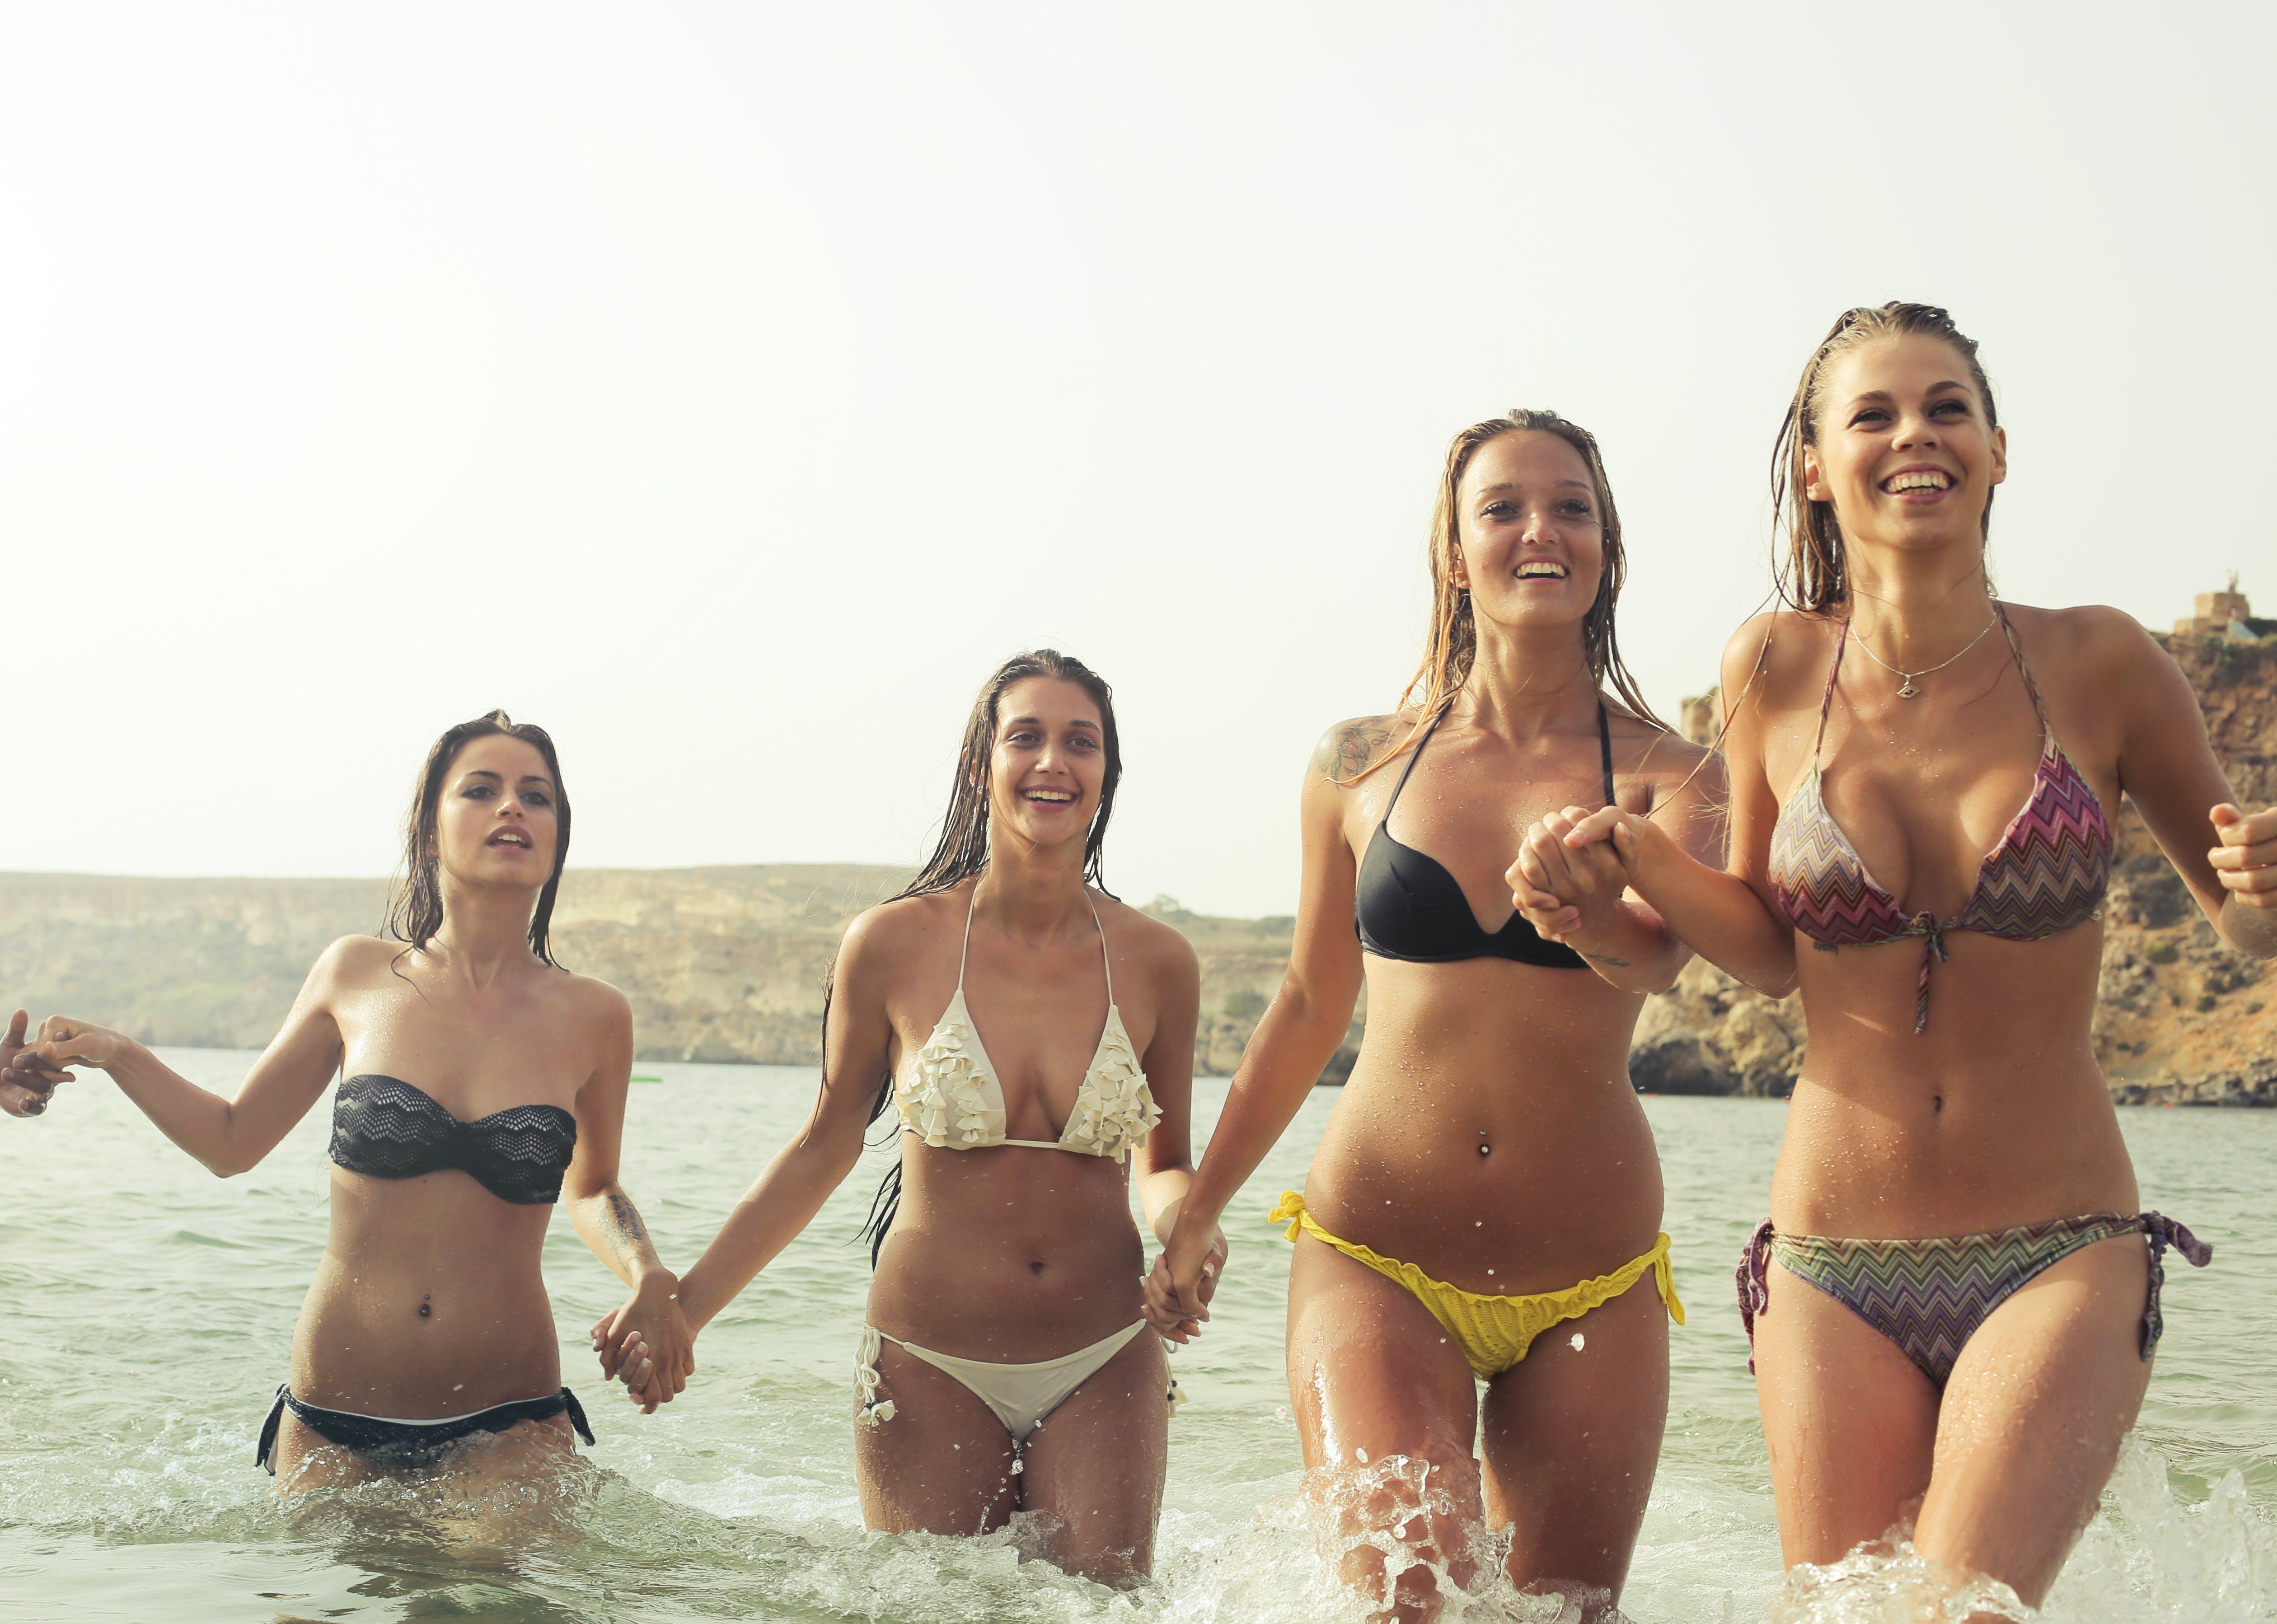 Group of Woman Wearing Bikini on Body of Water